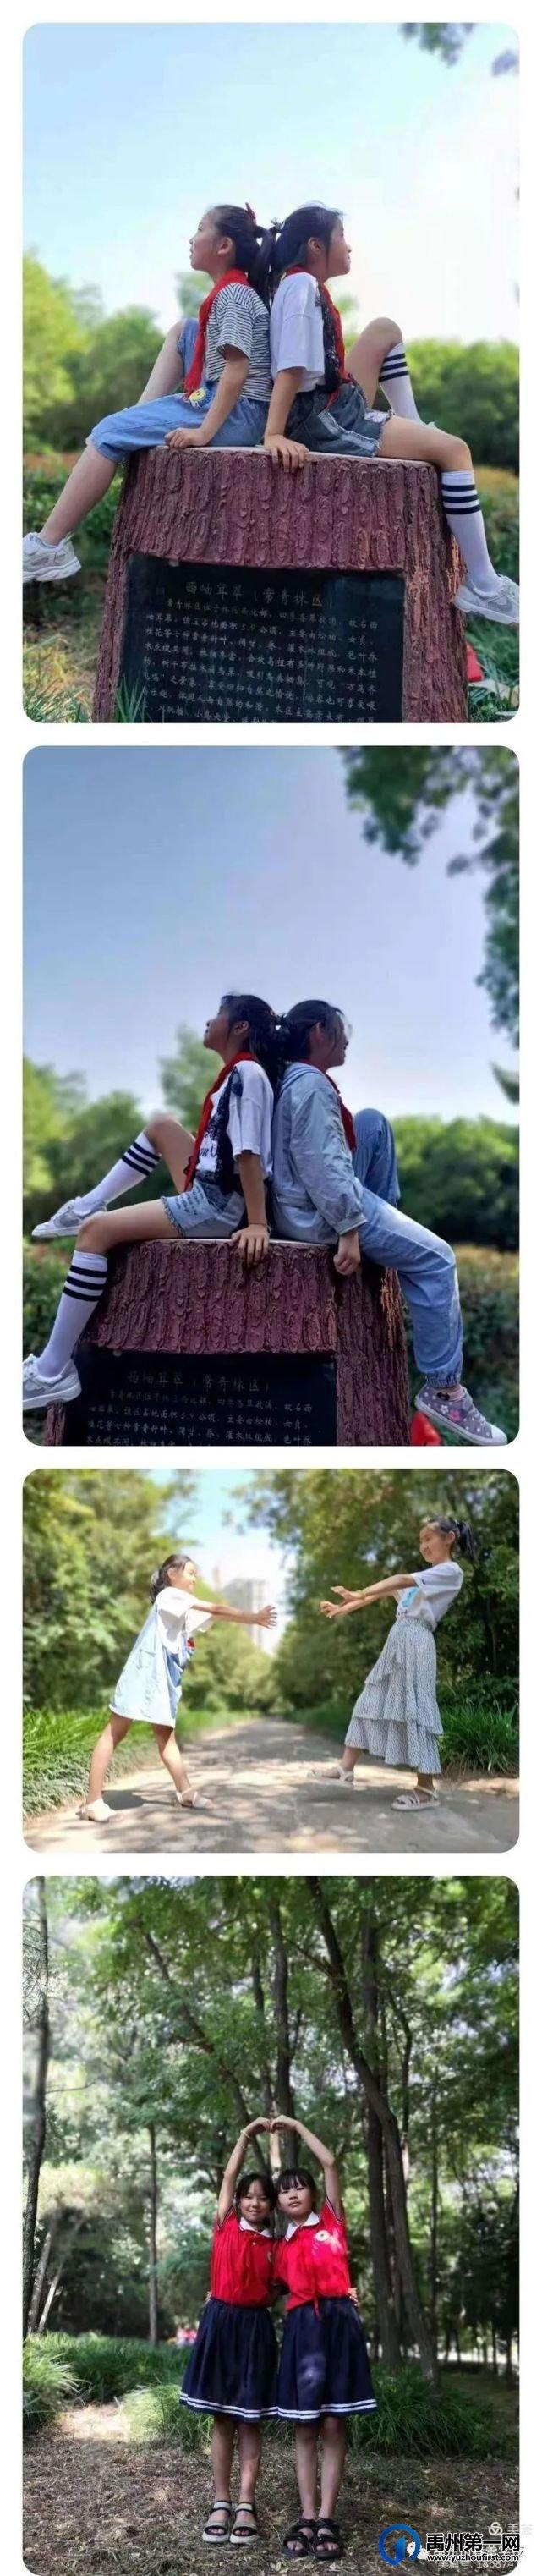 禹州市春蕾学校丰富多彩的校外实践活动